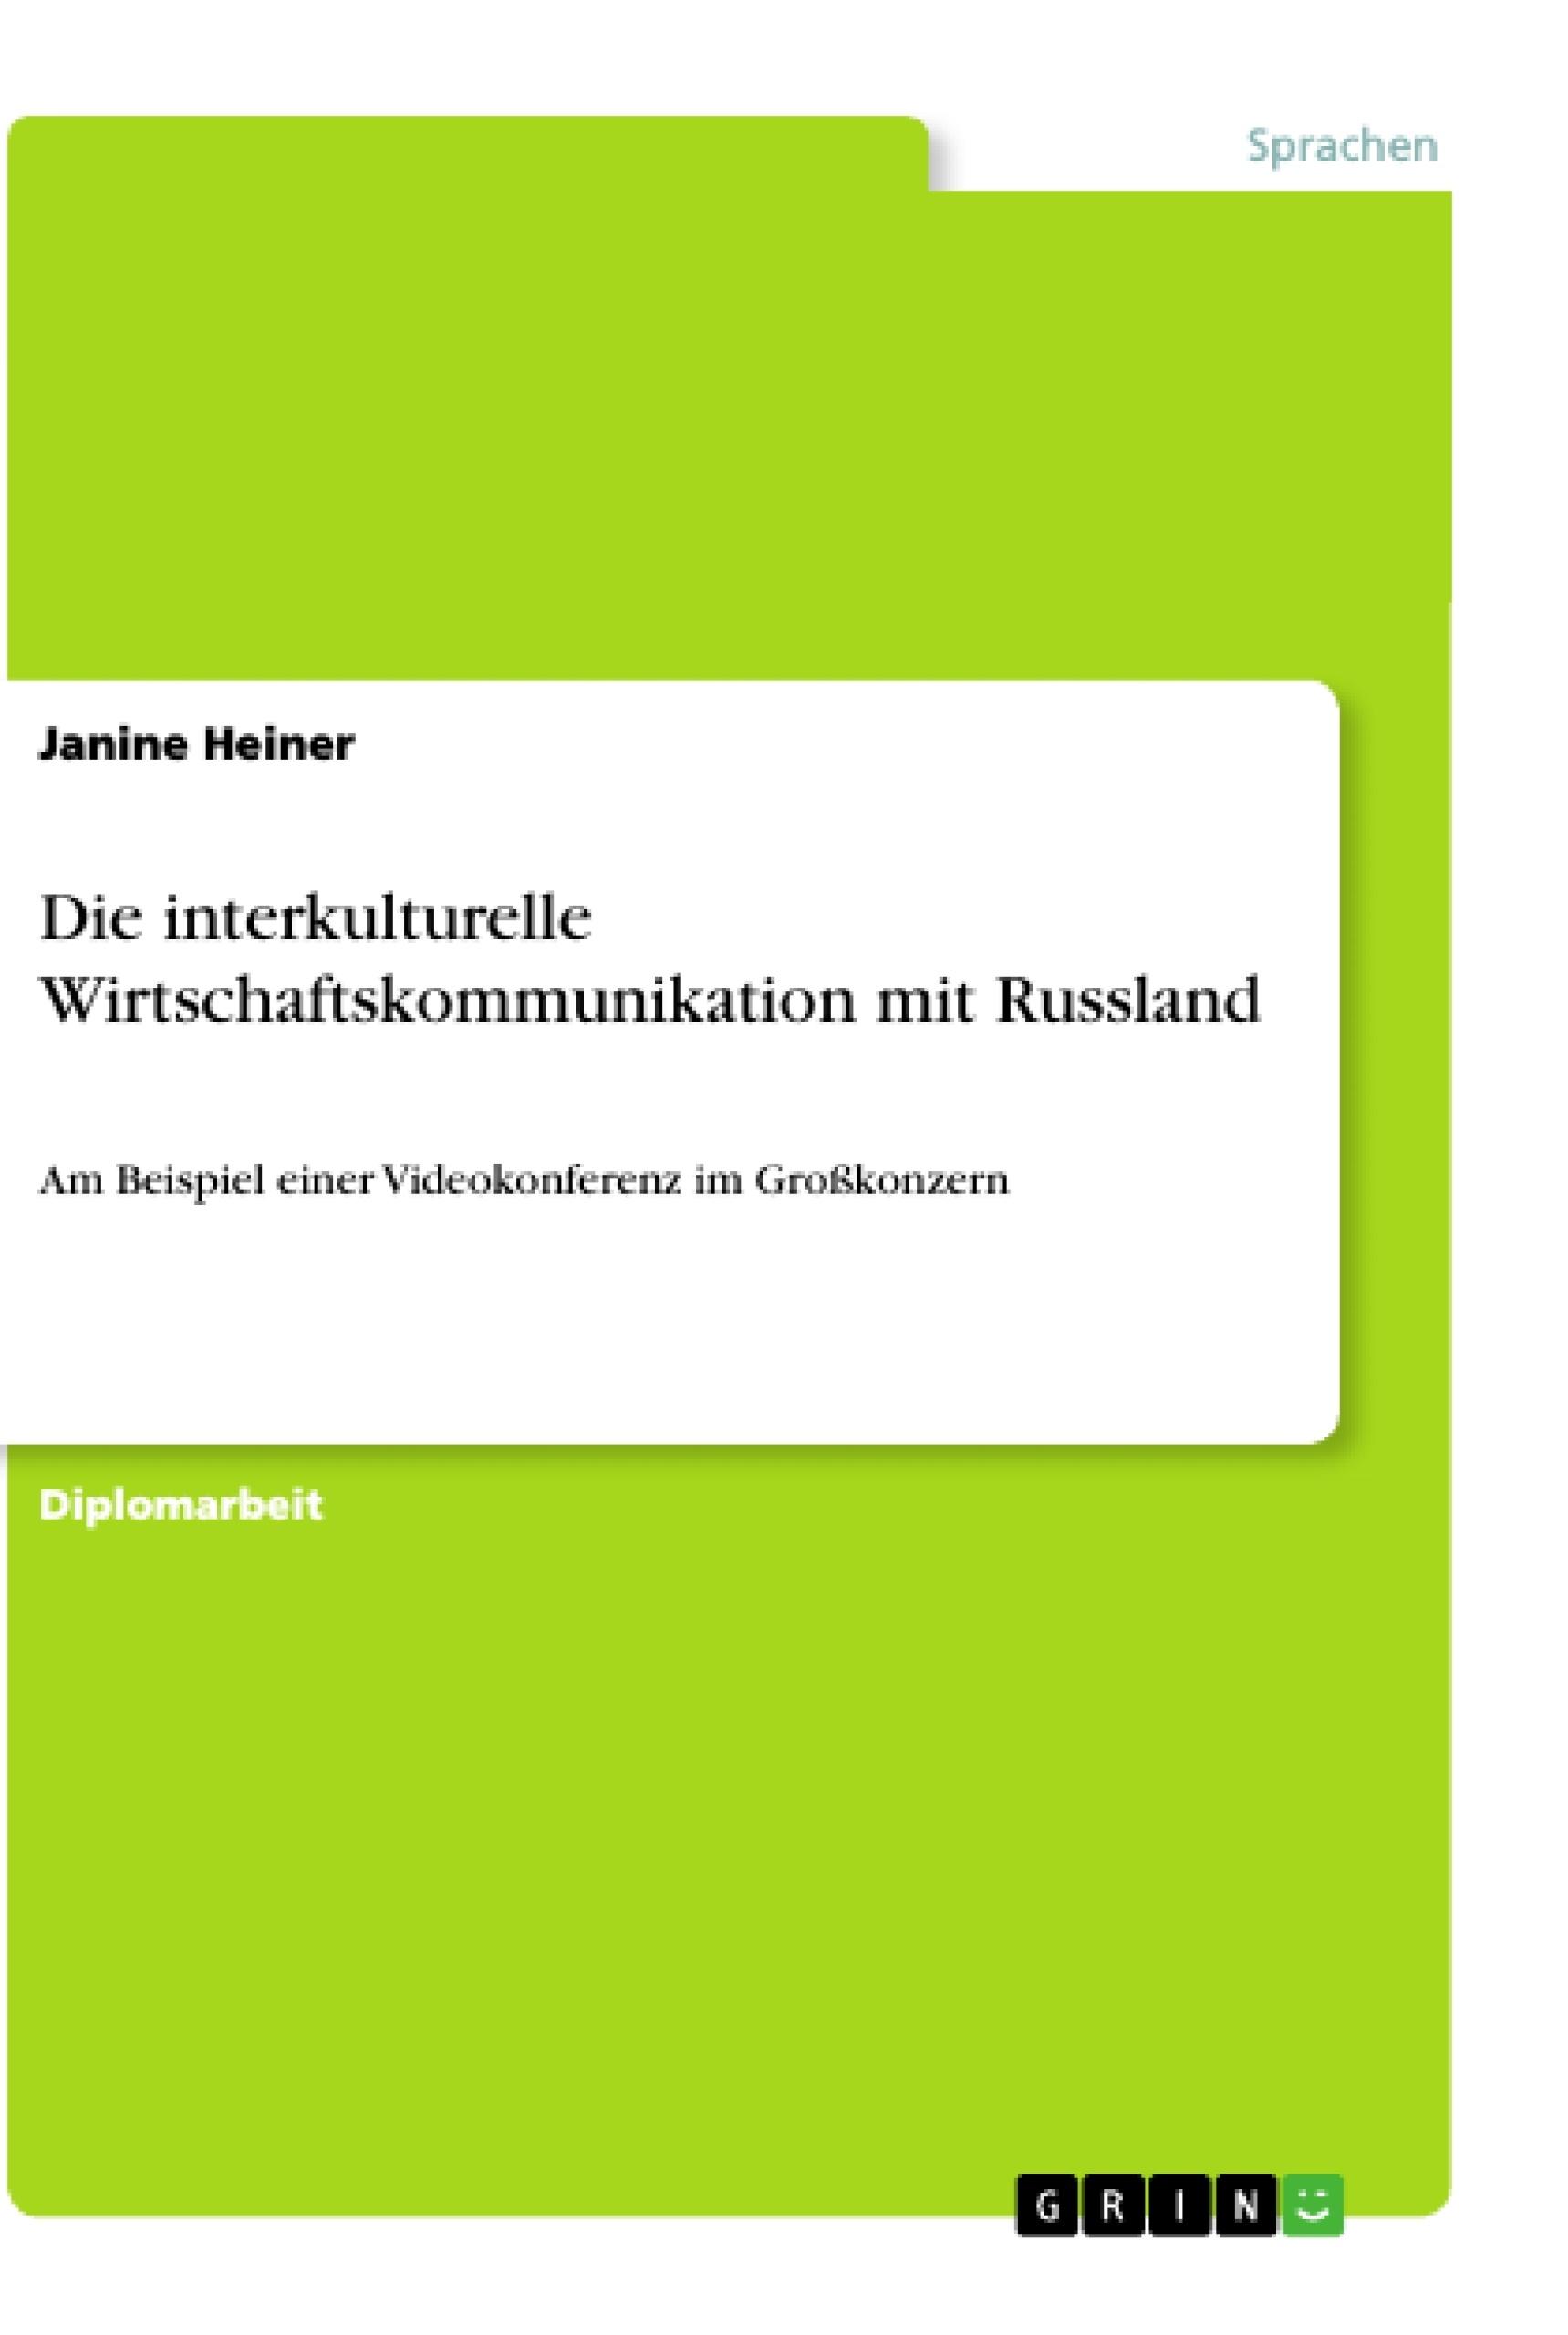 Titel: Die interkulturelle Wirtschaftskommunikation mit Russland